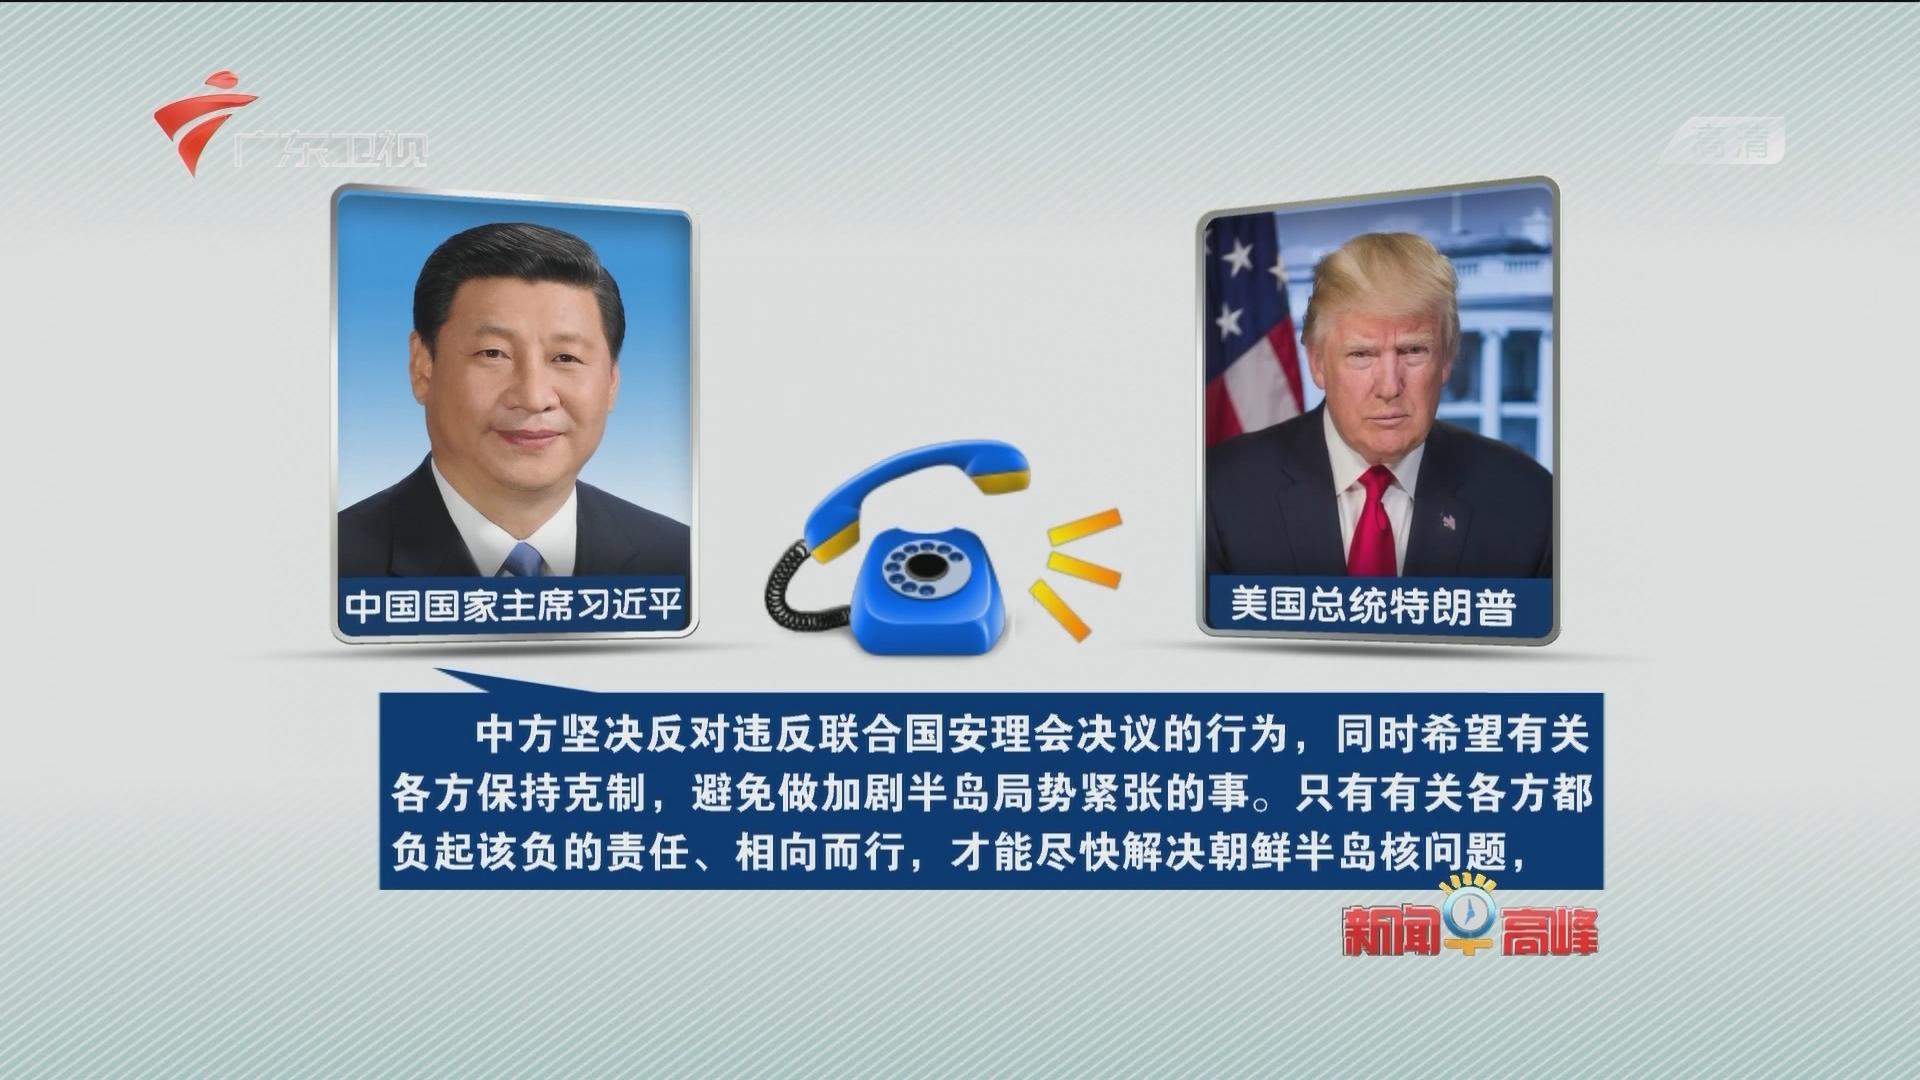 习近平同美国总统通电话:习近平特朗普就朝鲜问题交换意见